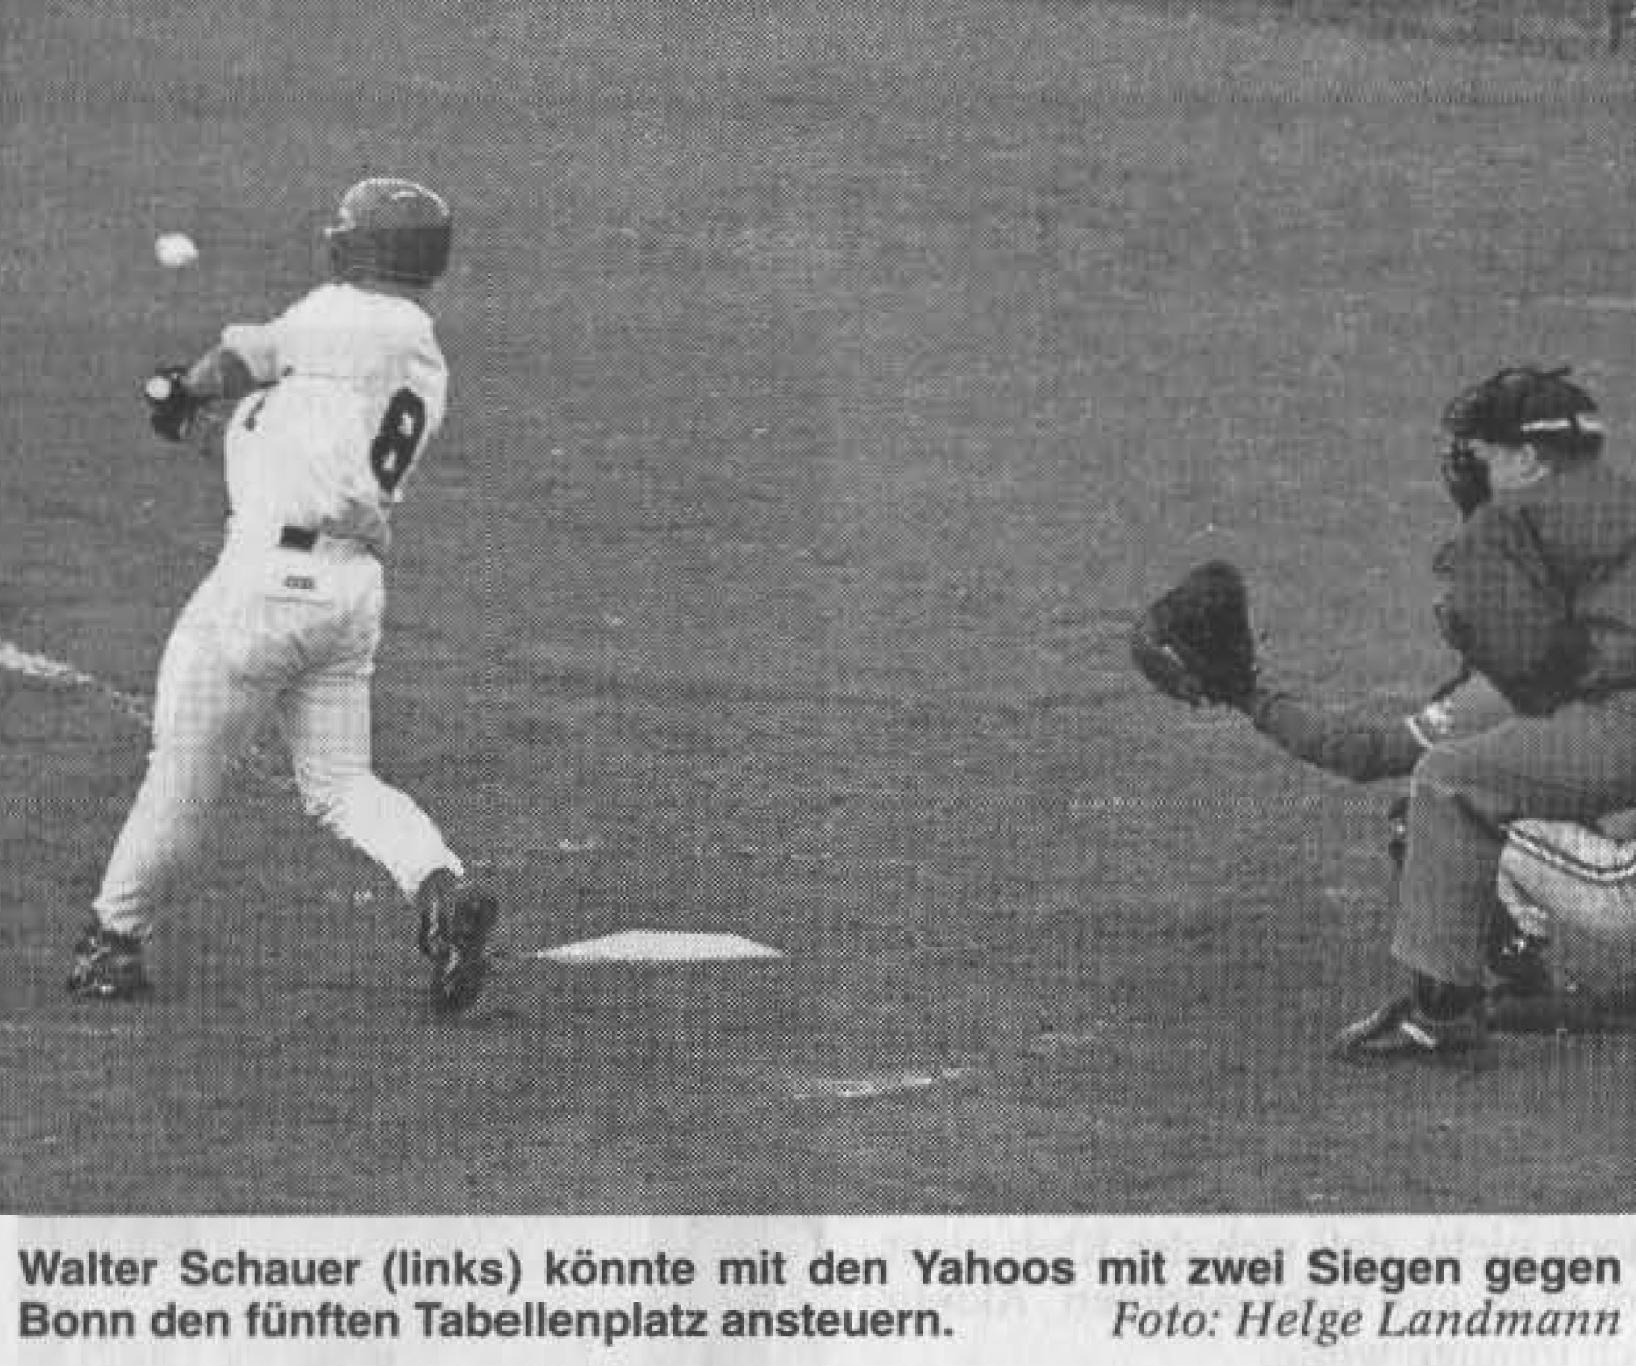 Walter Schauer (links) könnte mit den Yahoos mit zwei Siegen gegen Bonn den fünften Tabellenplatz ansteuern. Foto: Helge Landmann